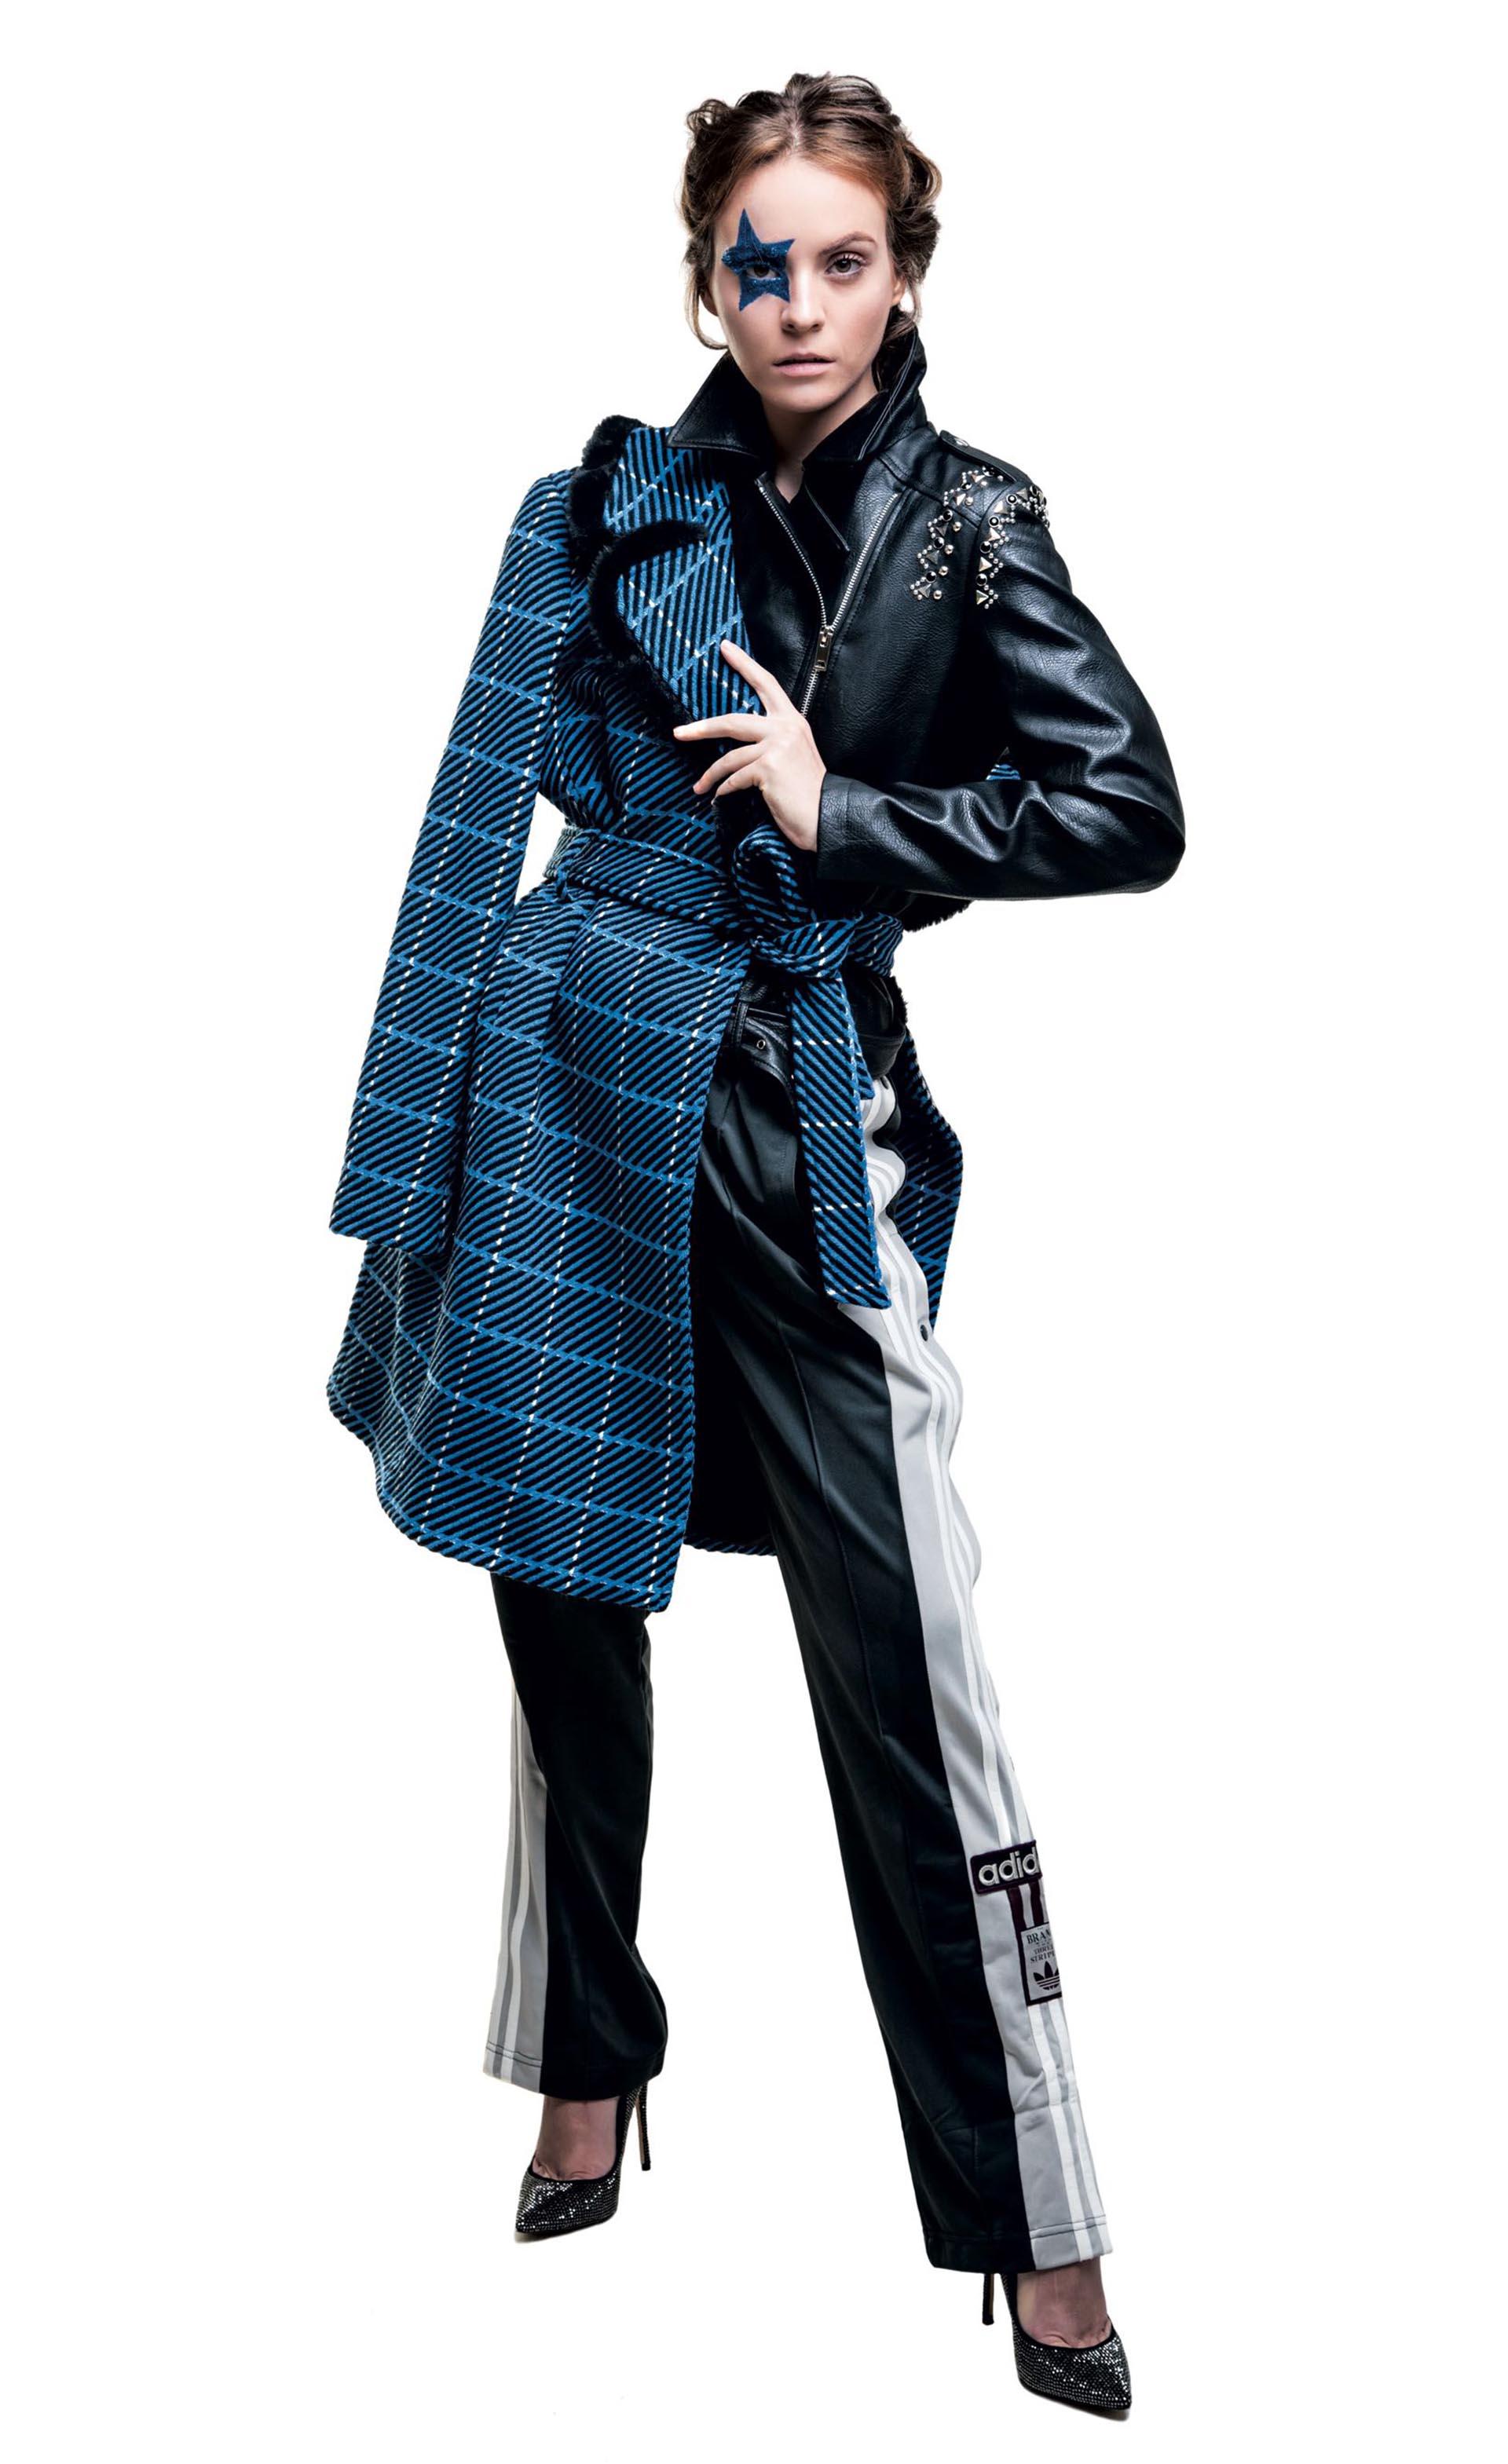 Montgomery con capucha desmontable (Perramus), campera inflada camuflada ($ 3.750, Ossira), babuchas de algodón ($ 1.699, adidas) y botas de gamuza con boca de pez ($ 1.900, Aldo para Grimoldi).